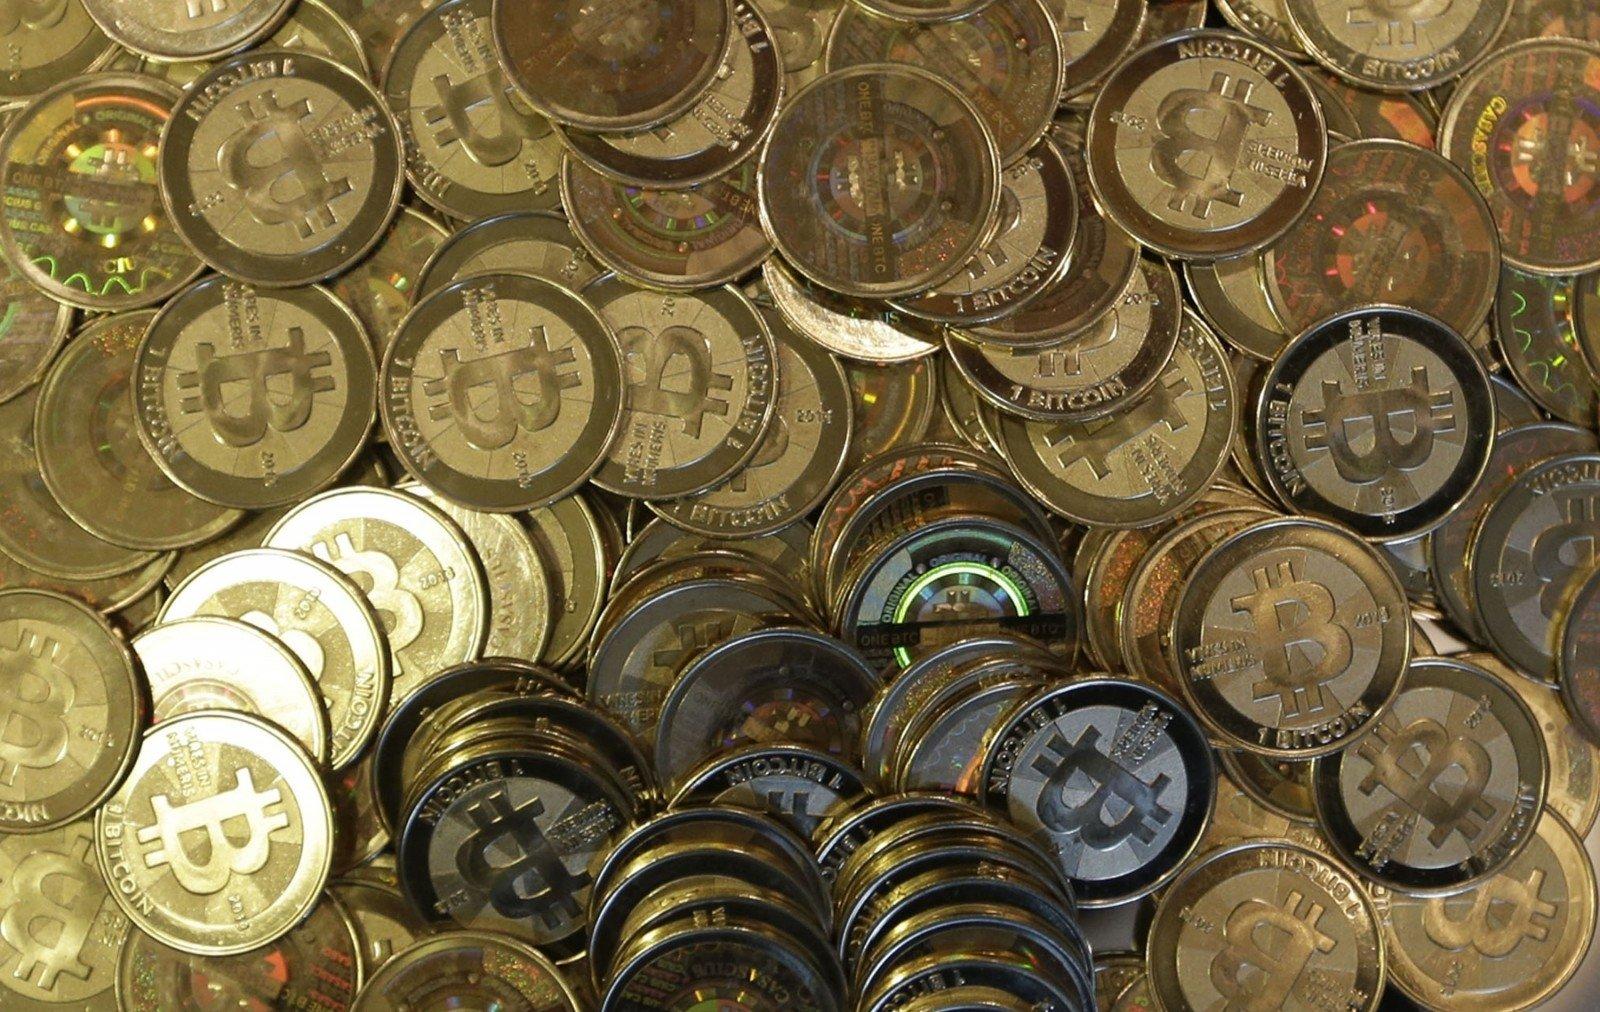 Kriptovaliutos – ateities pinigai ar paprasčiausia pinigų plovykla?